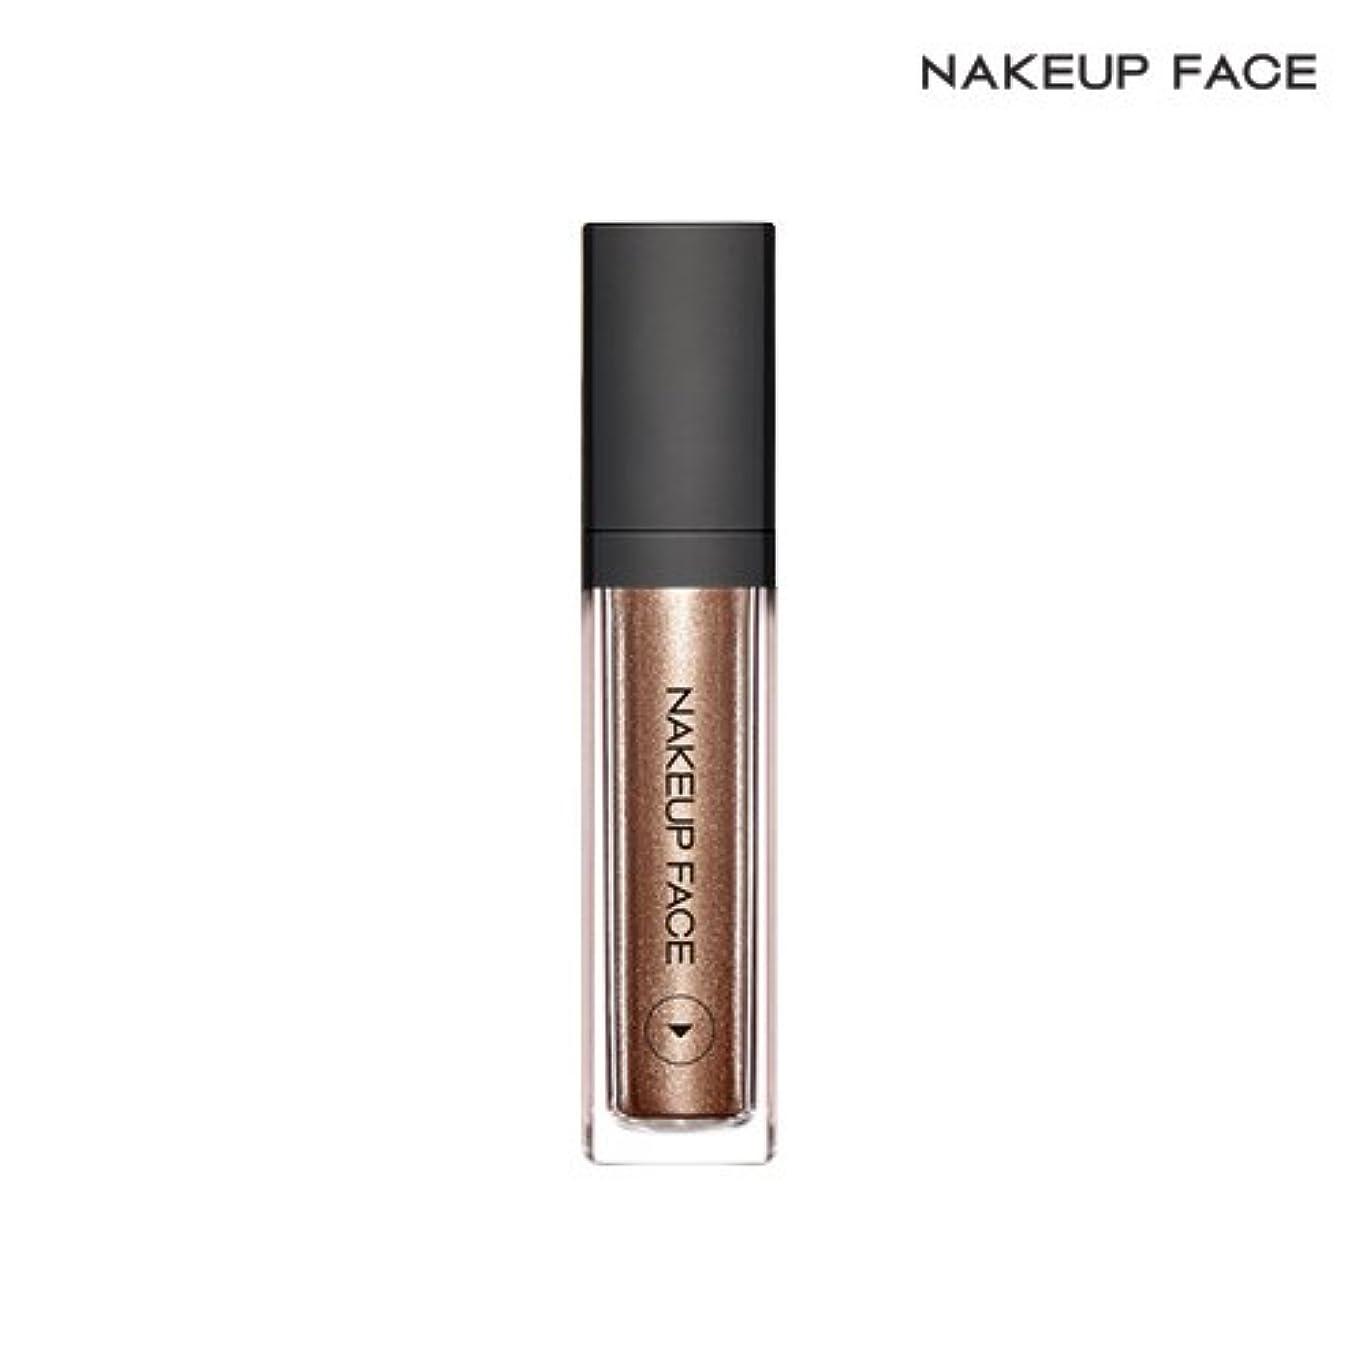 作成者極小五ネイクアップ フェイス[NAKE UP FACE] アイグロス EyeGloss,Shadow [海外直送品][並行輸入品] (No.02 Nude Glow)